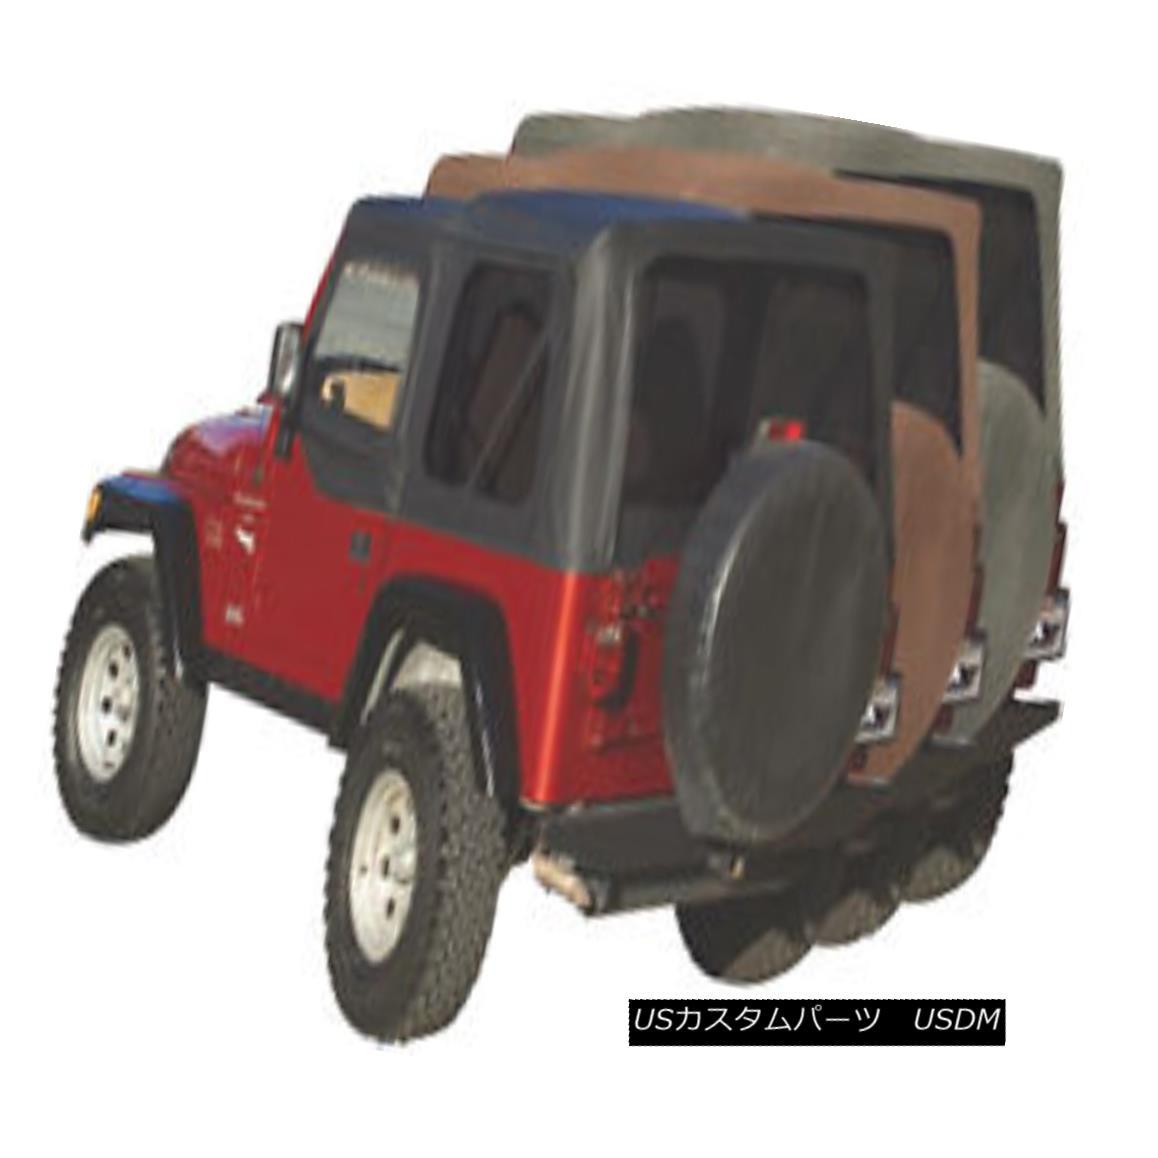 幌・ソフトトップ Rampage Factory Replacement Soft Top 97-06 Jeep Wrangler TJ 99717 Spice Rampage Factory Replacementソフトトップ97-06ジープラングラーTJ 99717 Spice